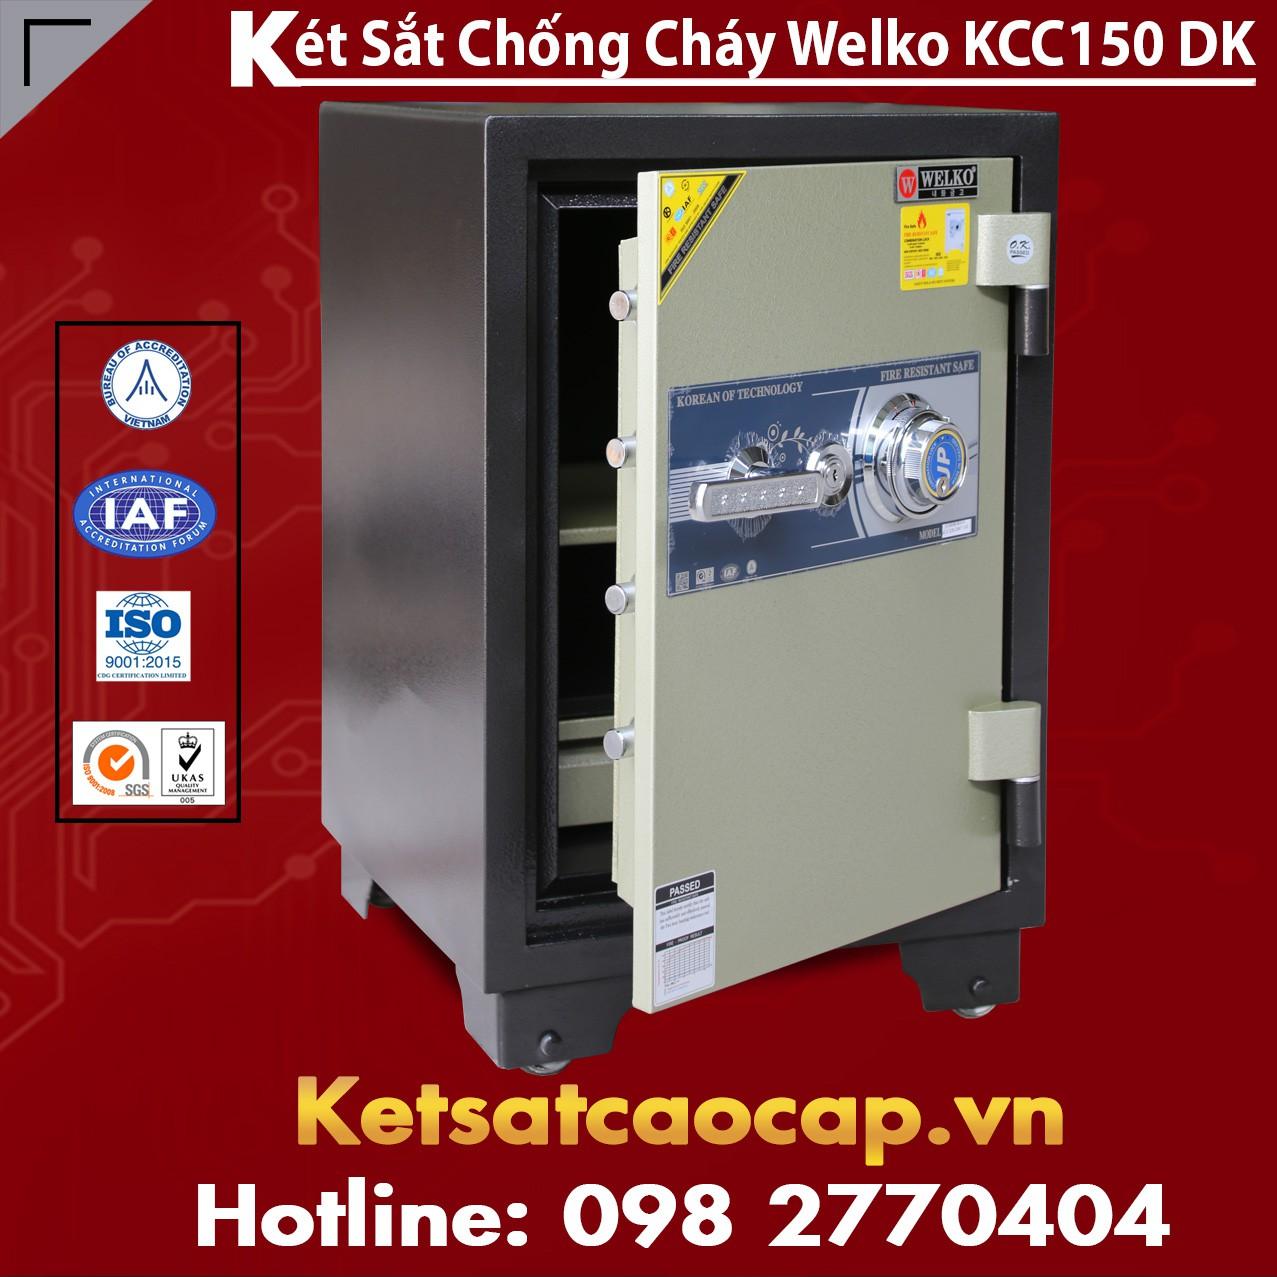 Ket Sat Chong Chay